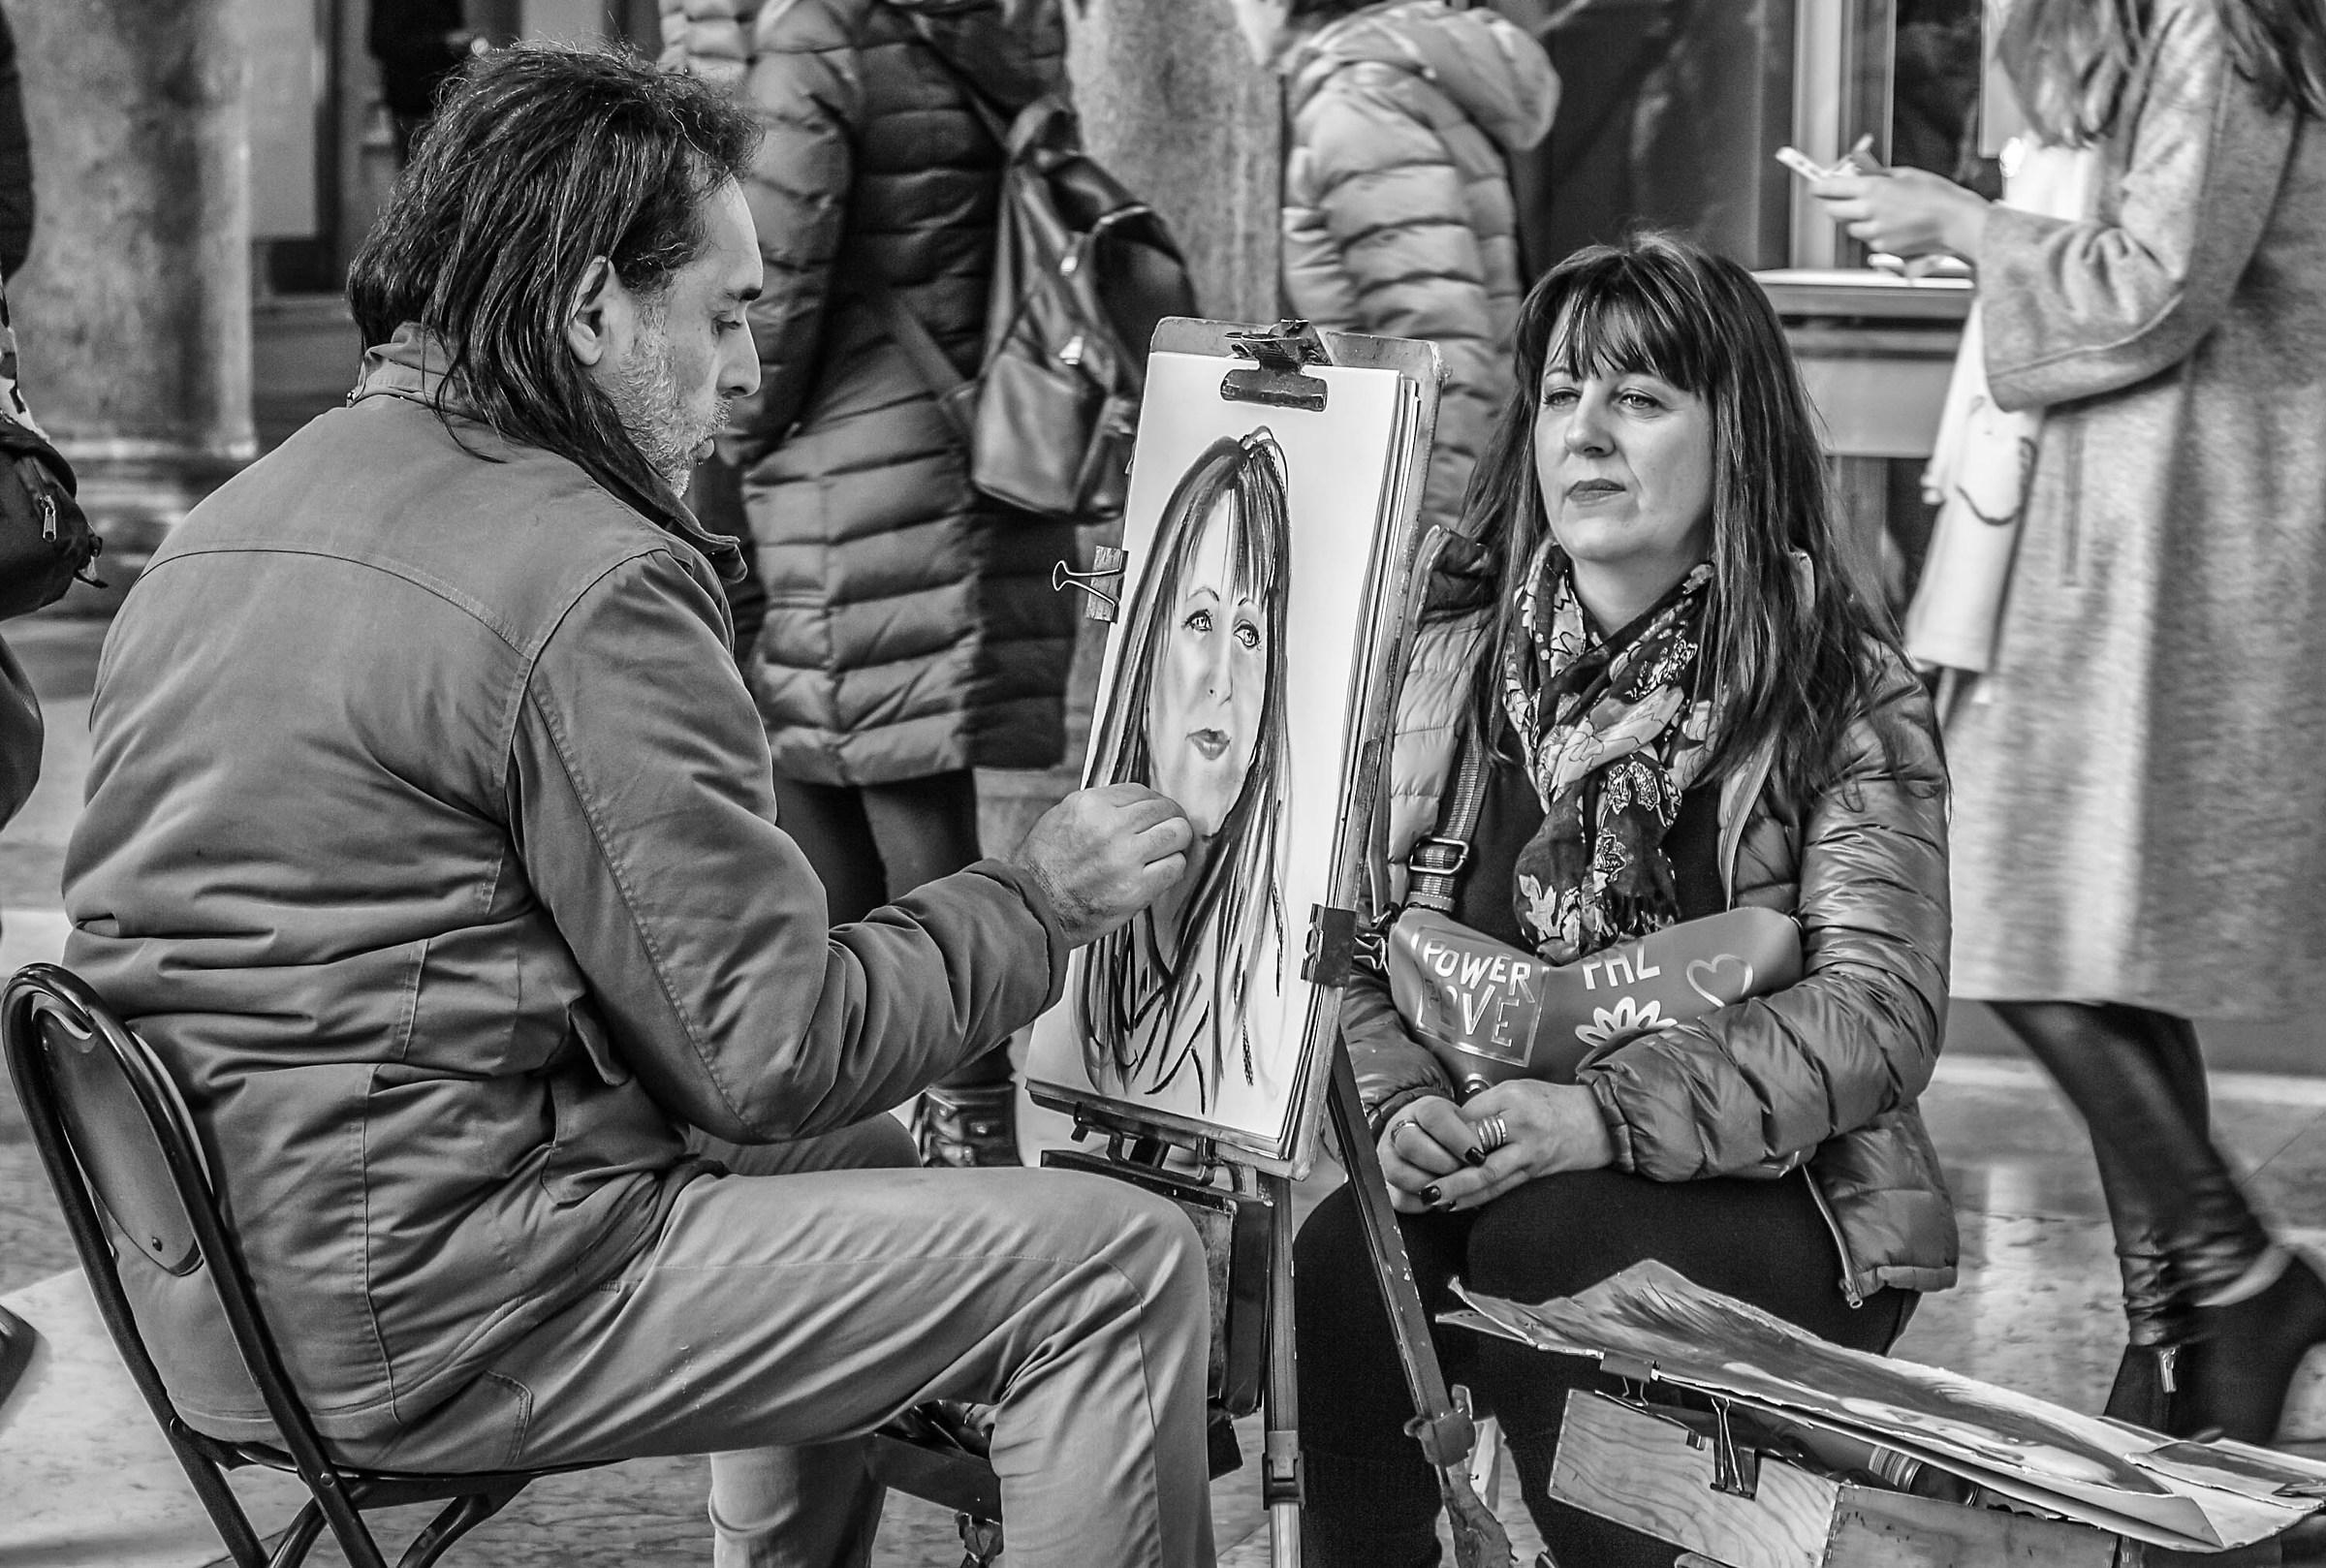 The portrait artist...